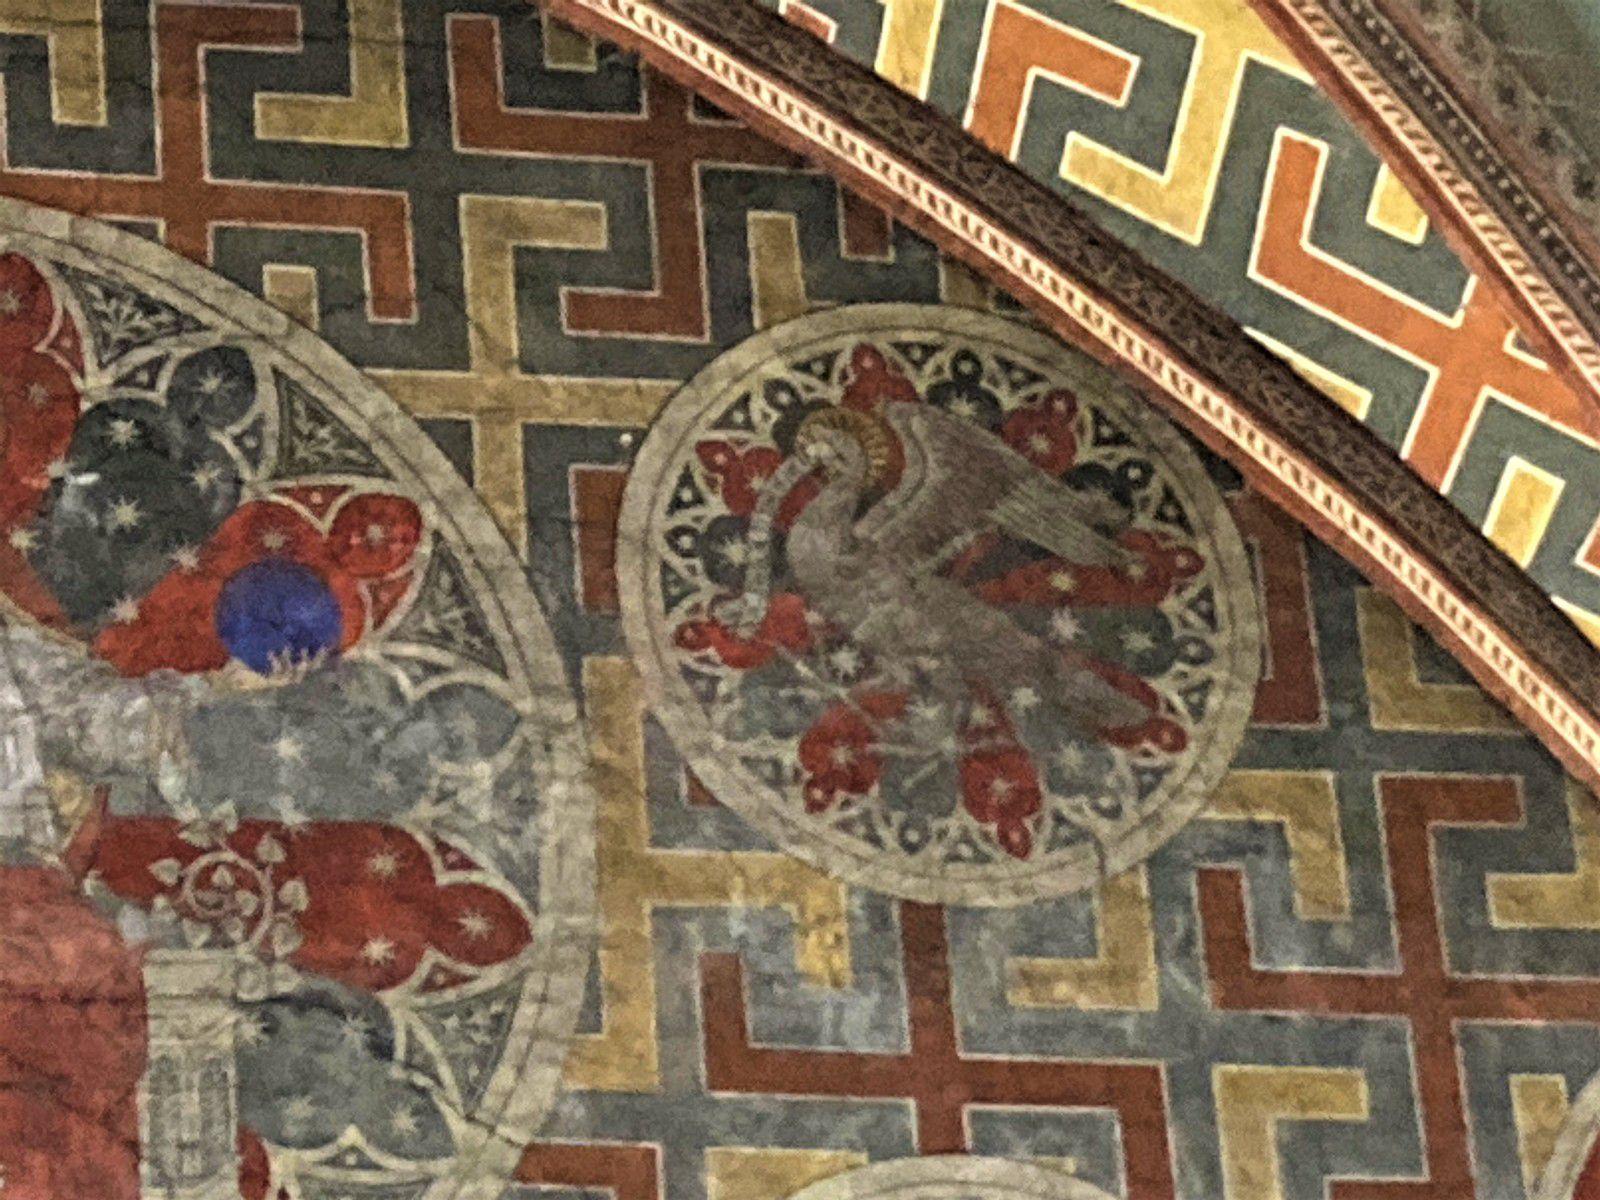 Saint Jean dont l'évangile est haut en symbole philosophique à un aigle pour symbole